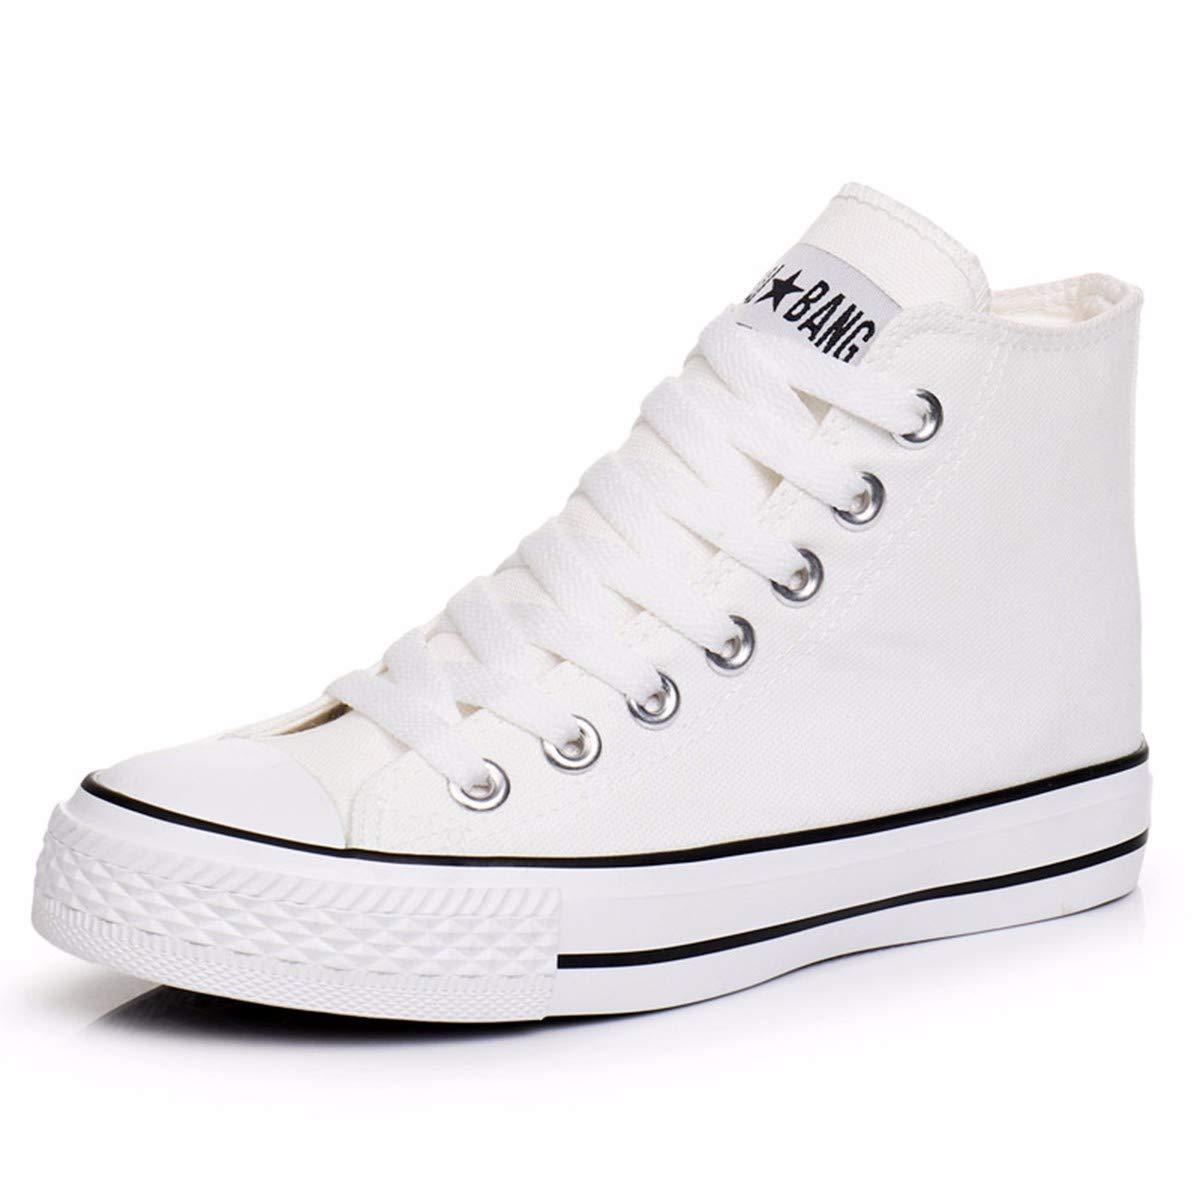 gtvernh des chaussures chaussures chaussures pour femmes